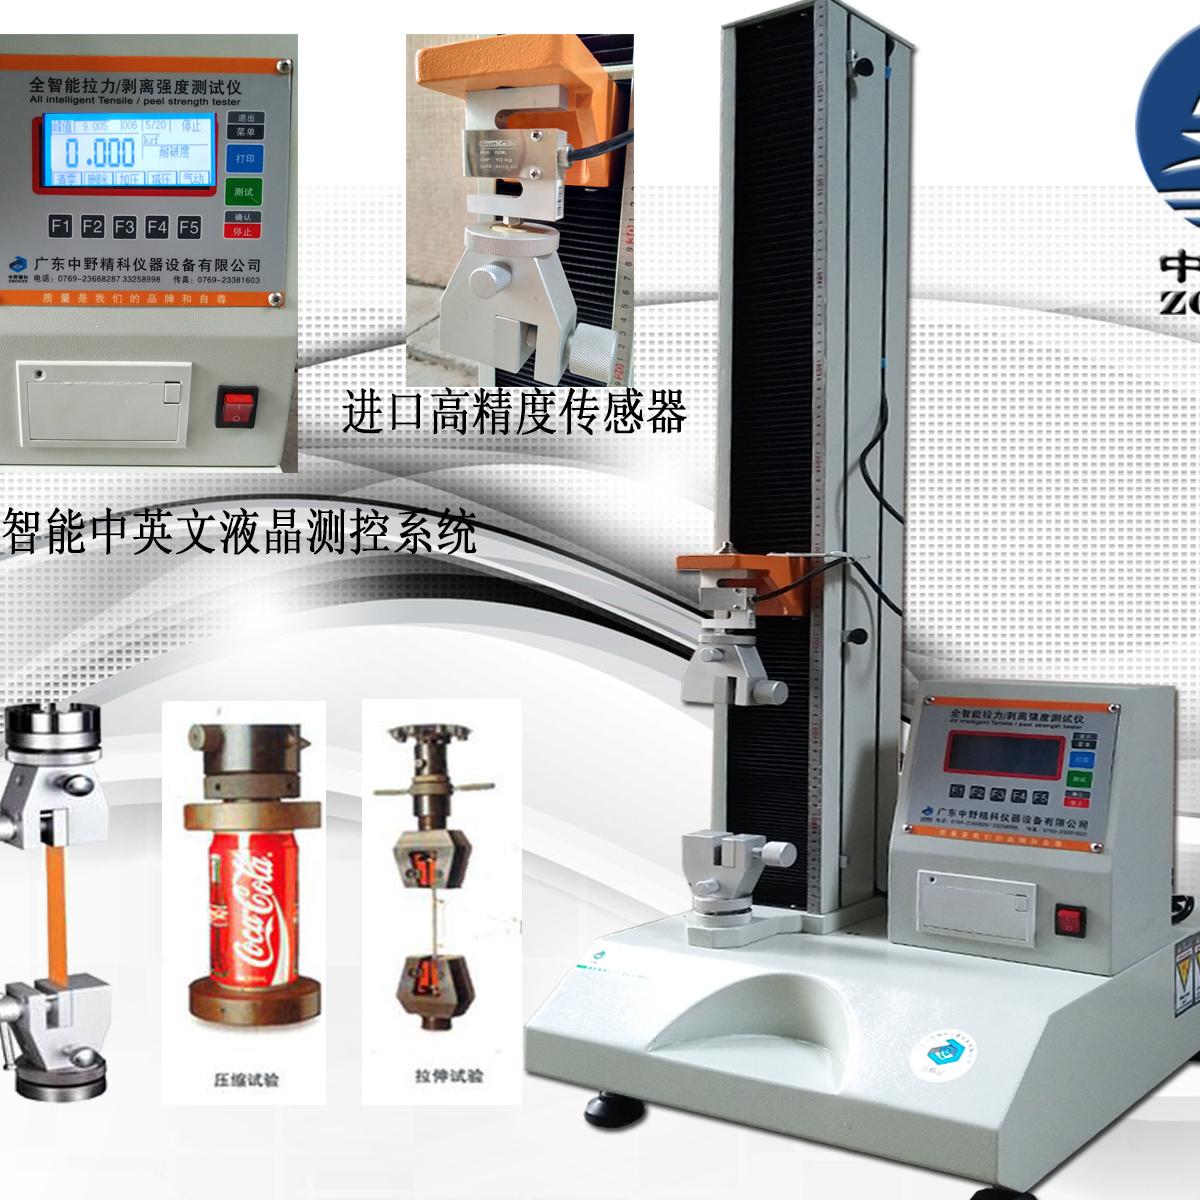 高精度实验室抗张强度实验机实验仪 恒速拉伸仪 中益创